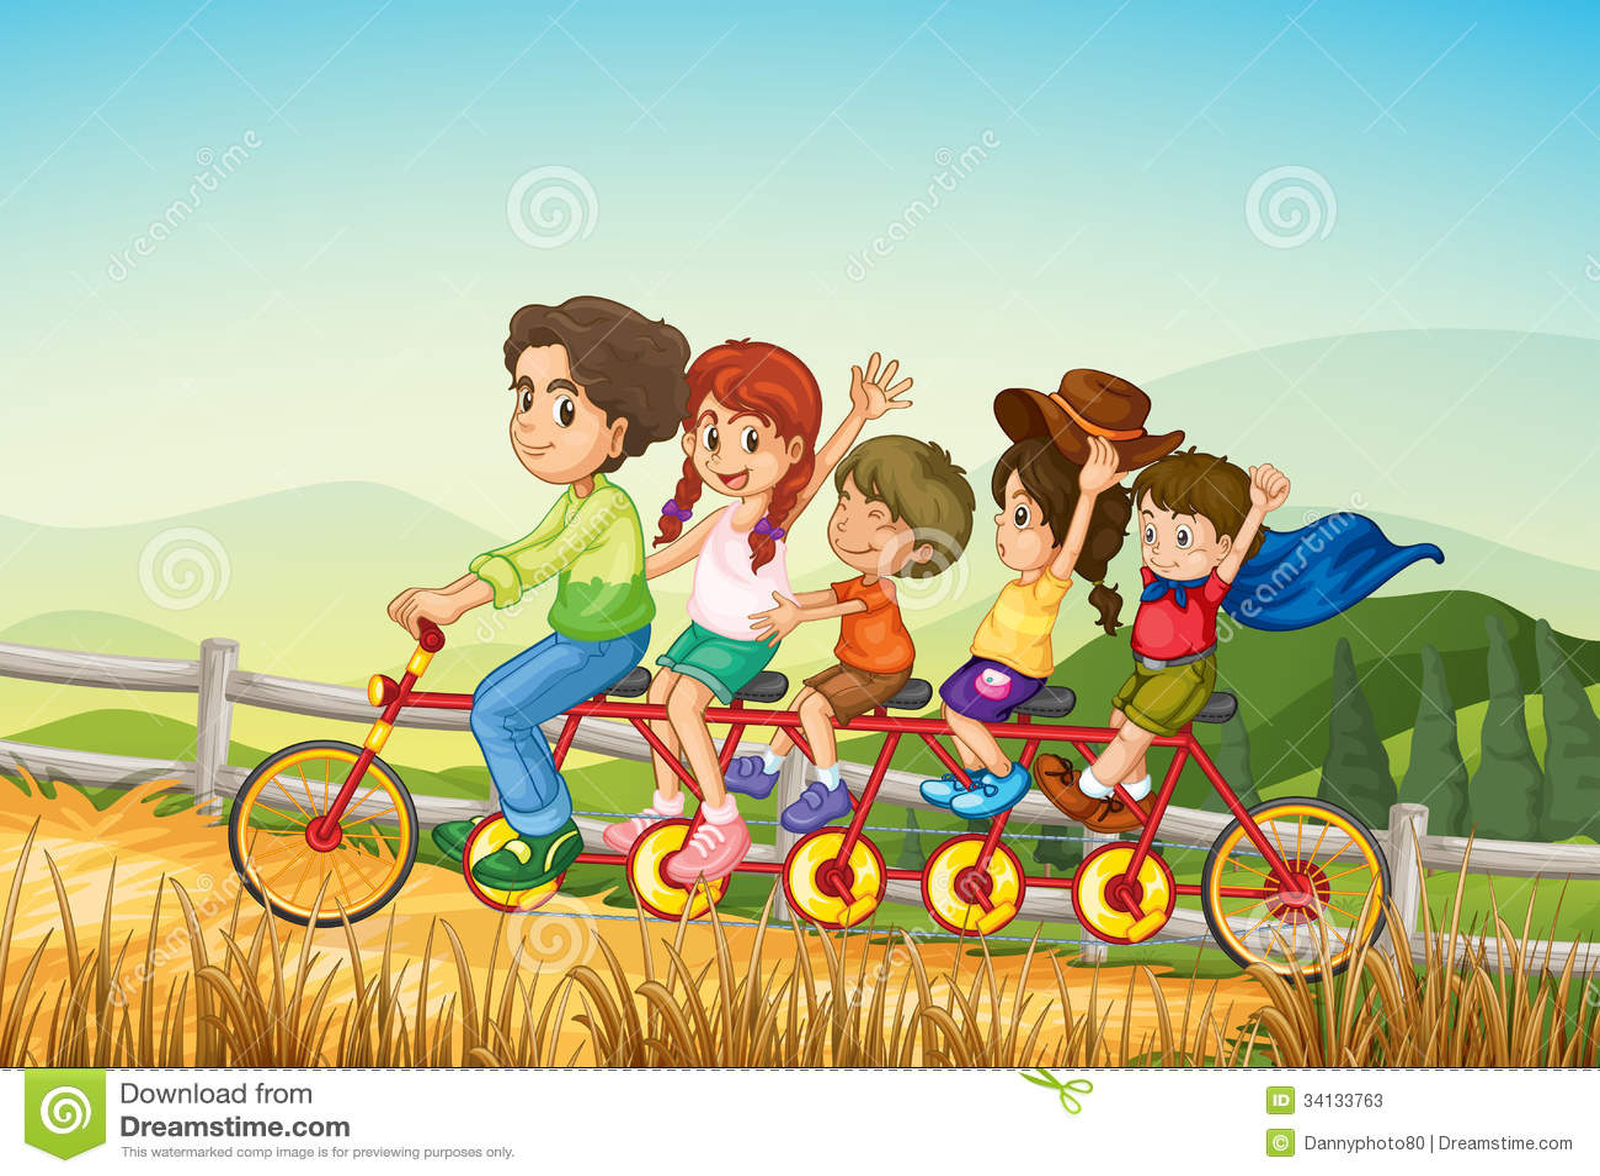 Niña Feliz Andar En Bicicleta: Niños Felices Que Montan La Bicicleta En La Granja Fotos